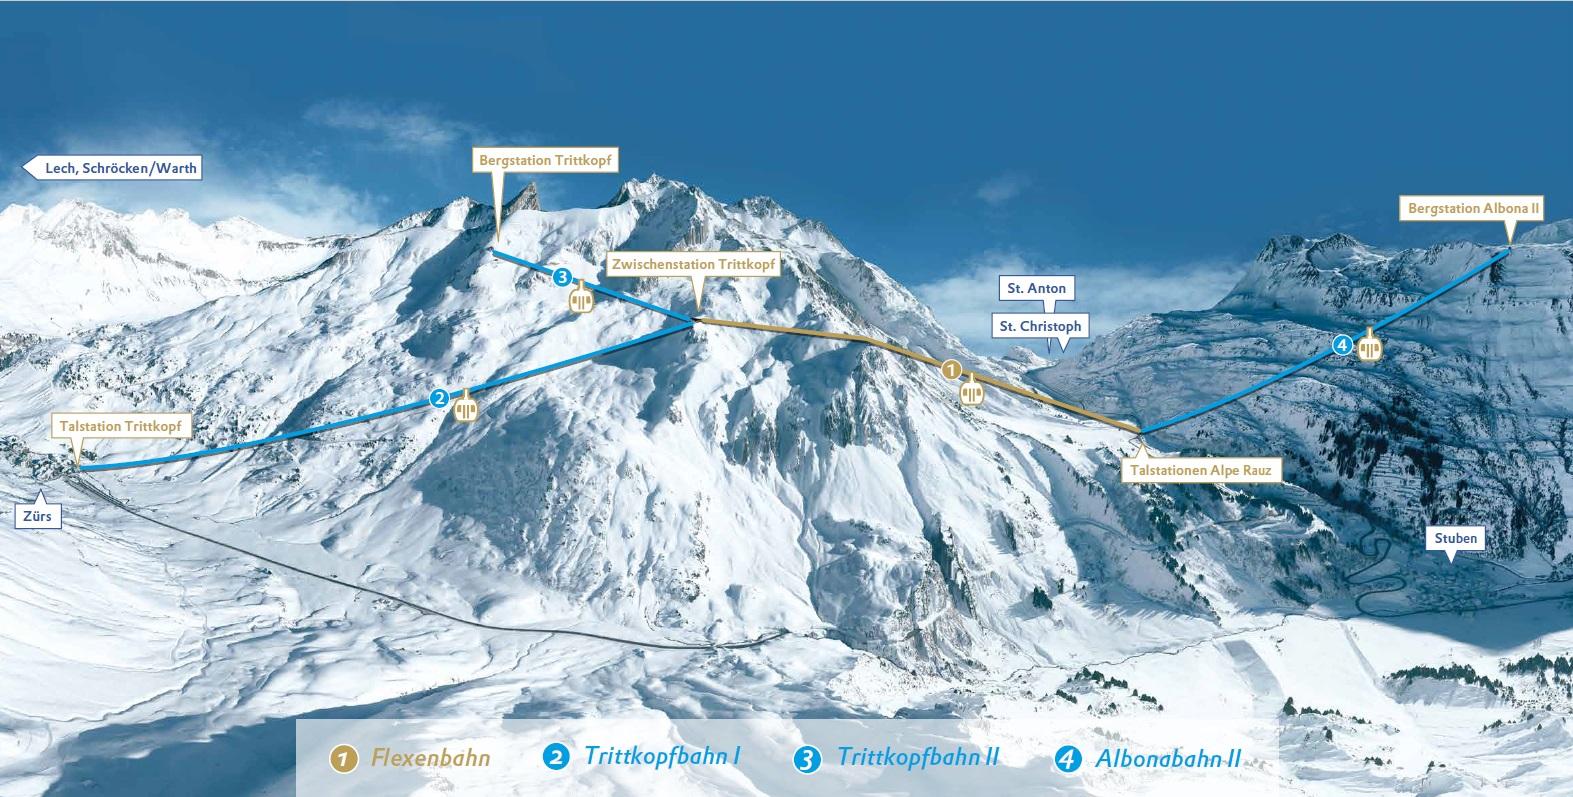 Die neue Flexenbahn verbindet Lech-Zürs mit St. Anton